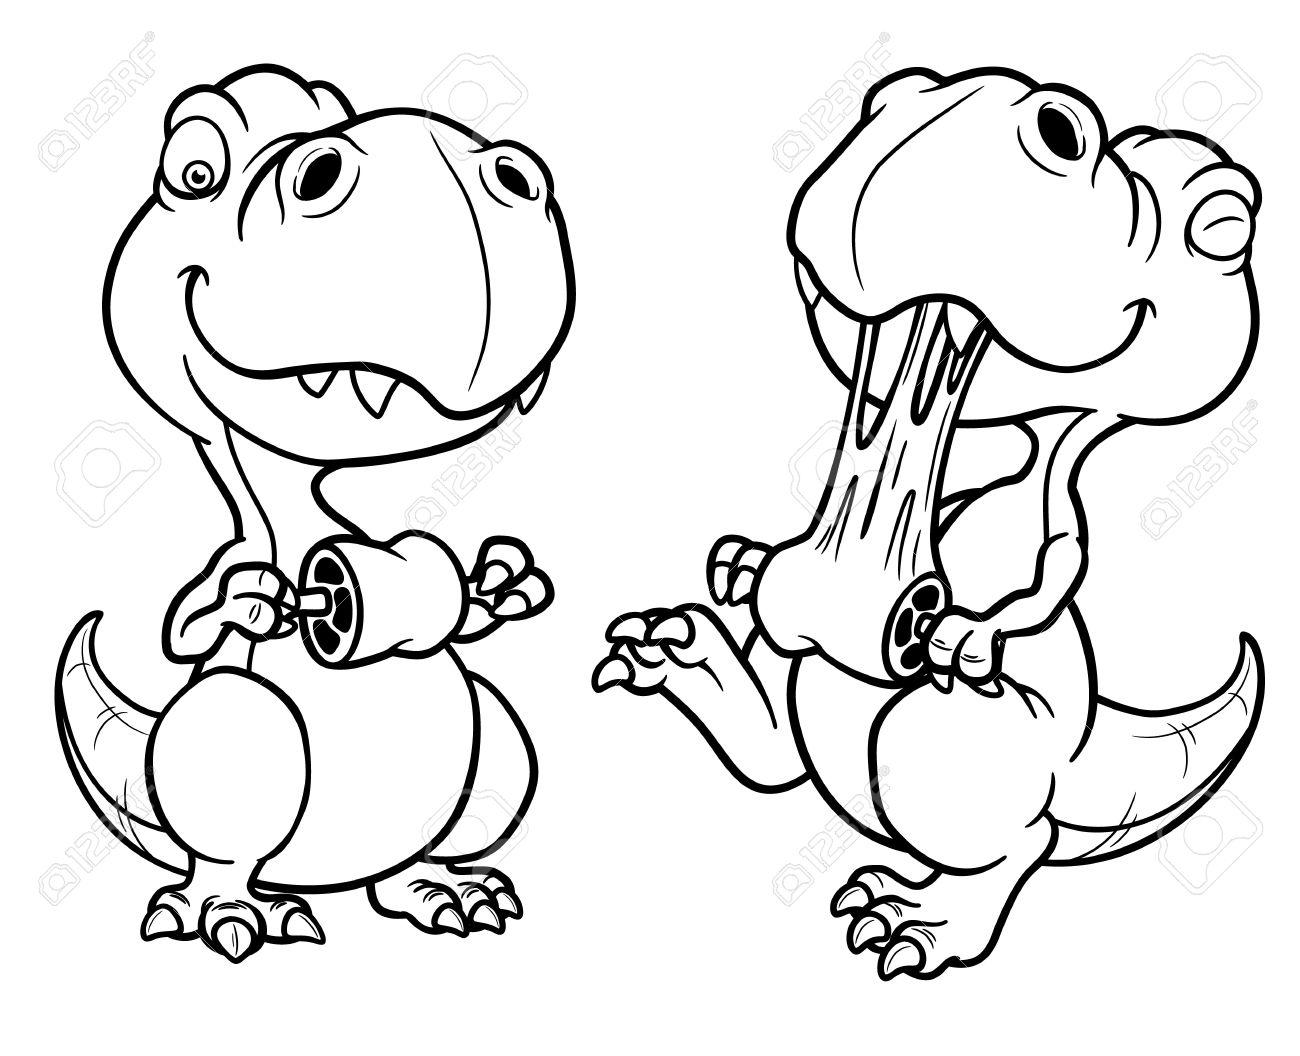 写真素材 , 漫画恐竜 , 塗り絵のベクトル イラスト